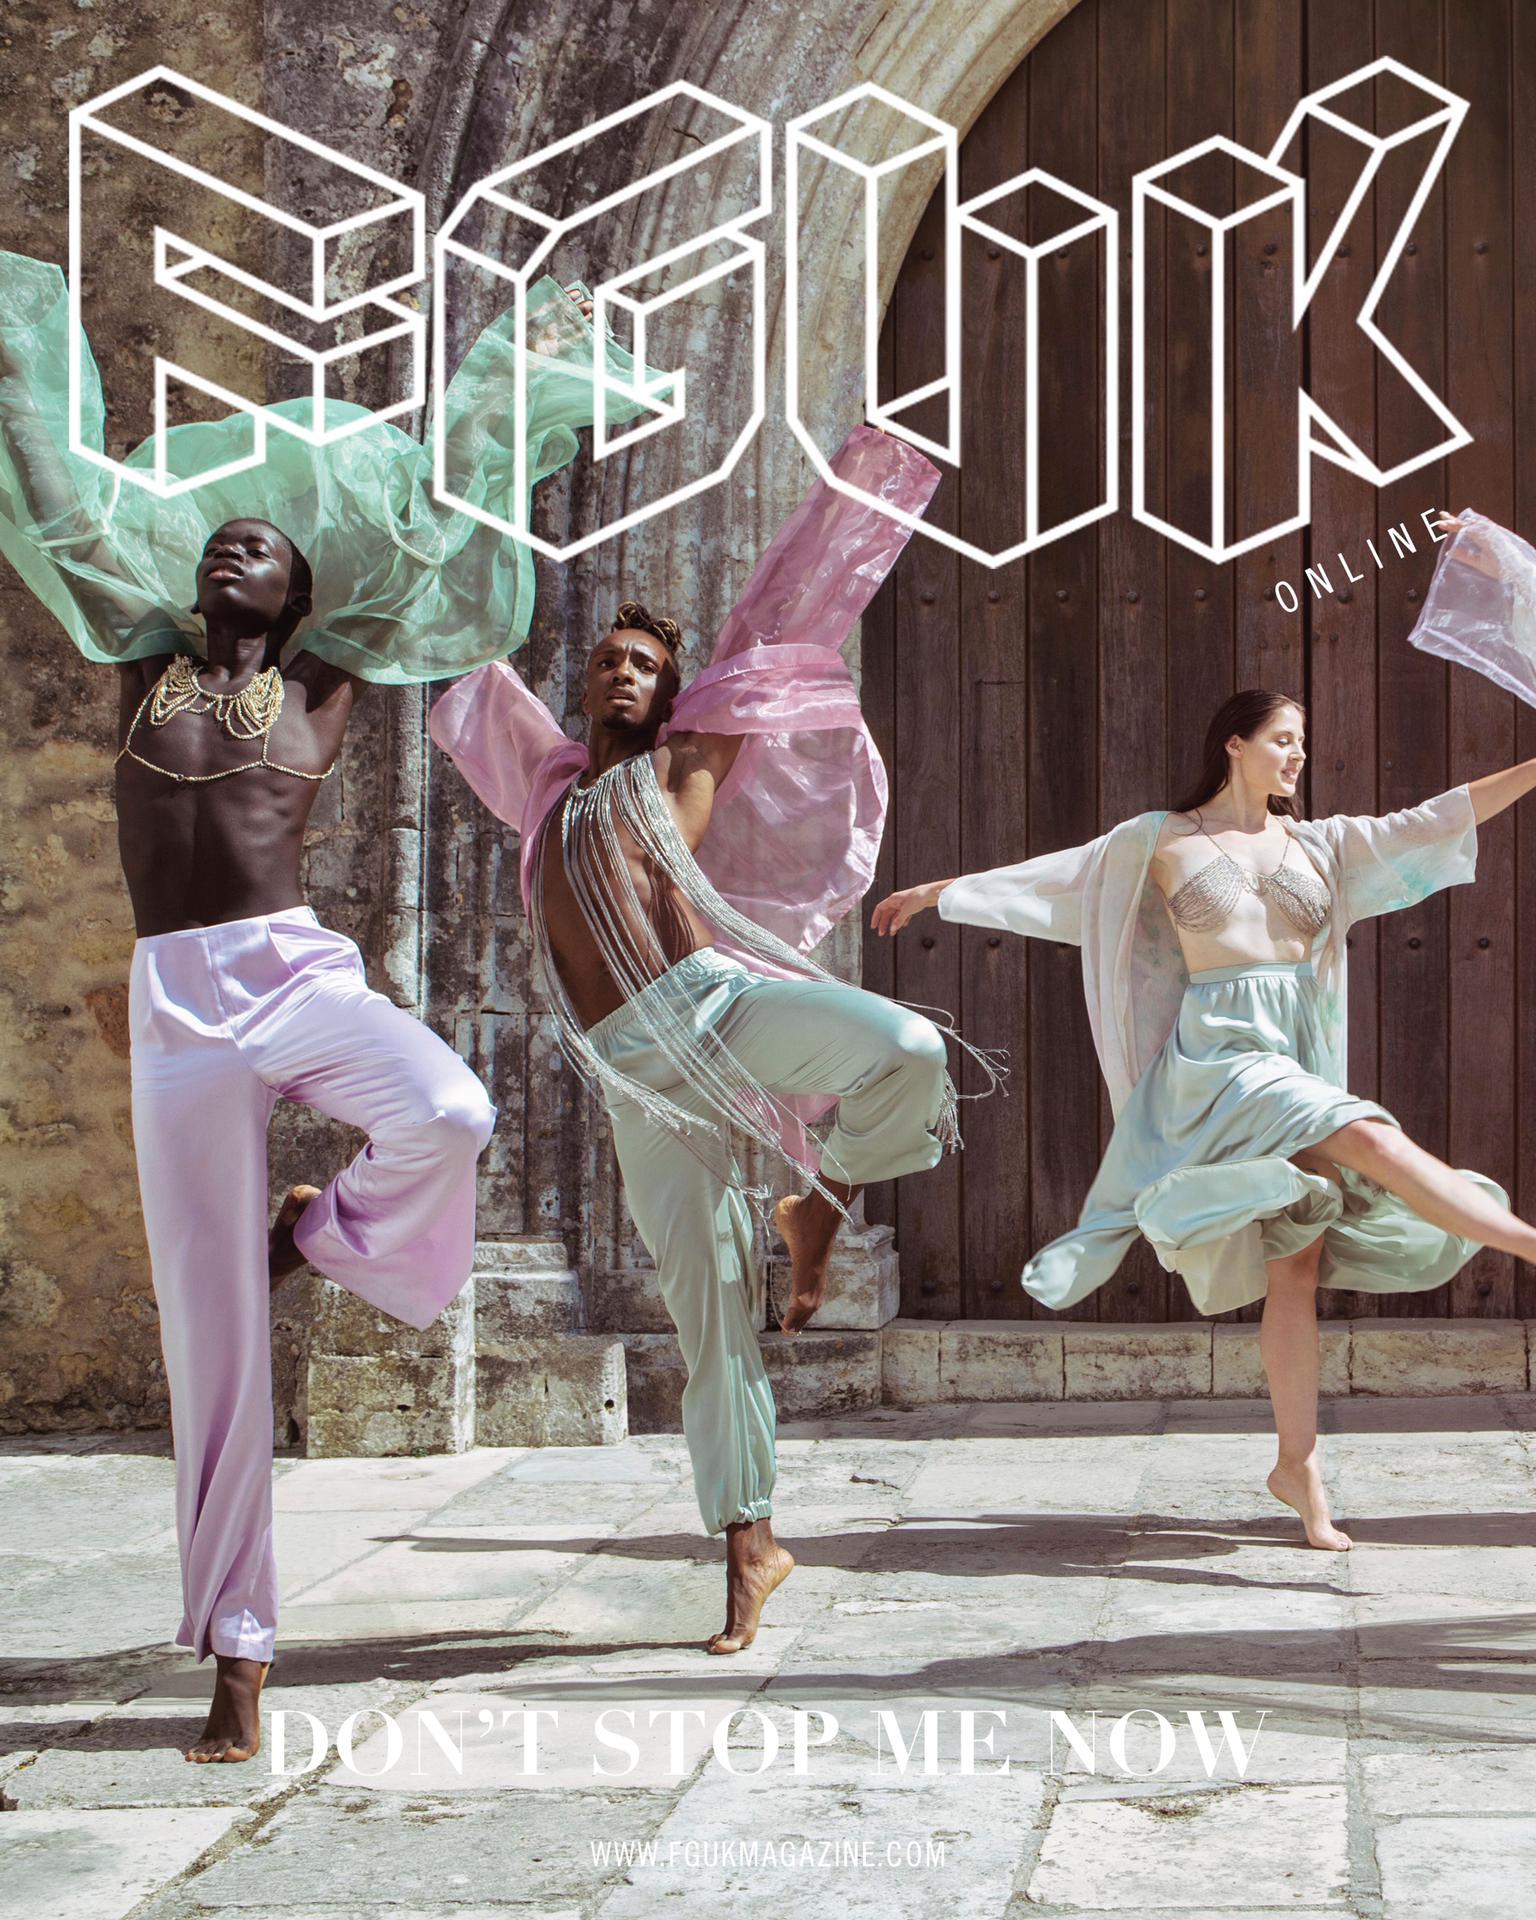 FGUK Magazine November 2020